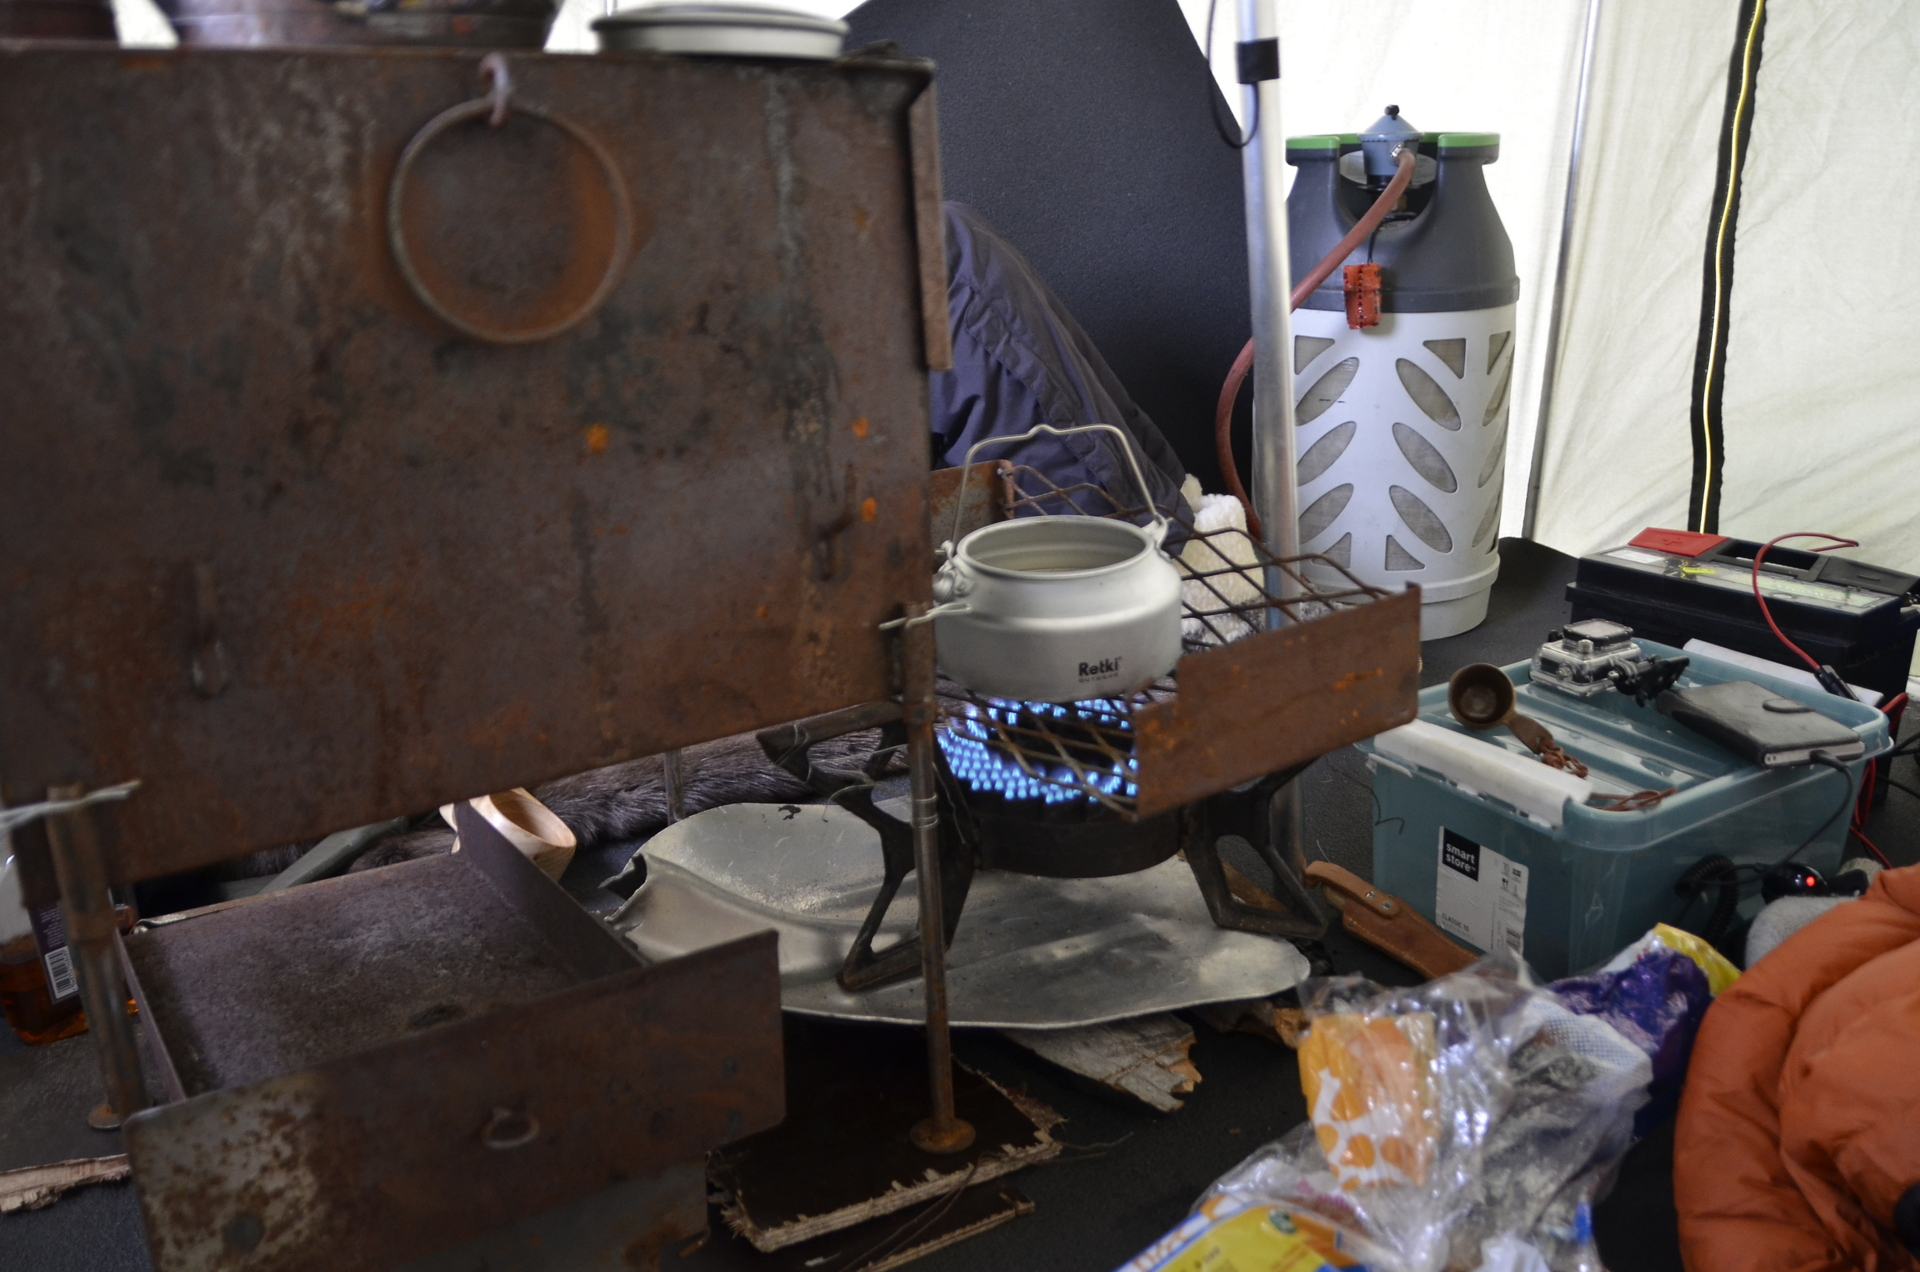 Keittomoodi päällä:)